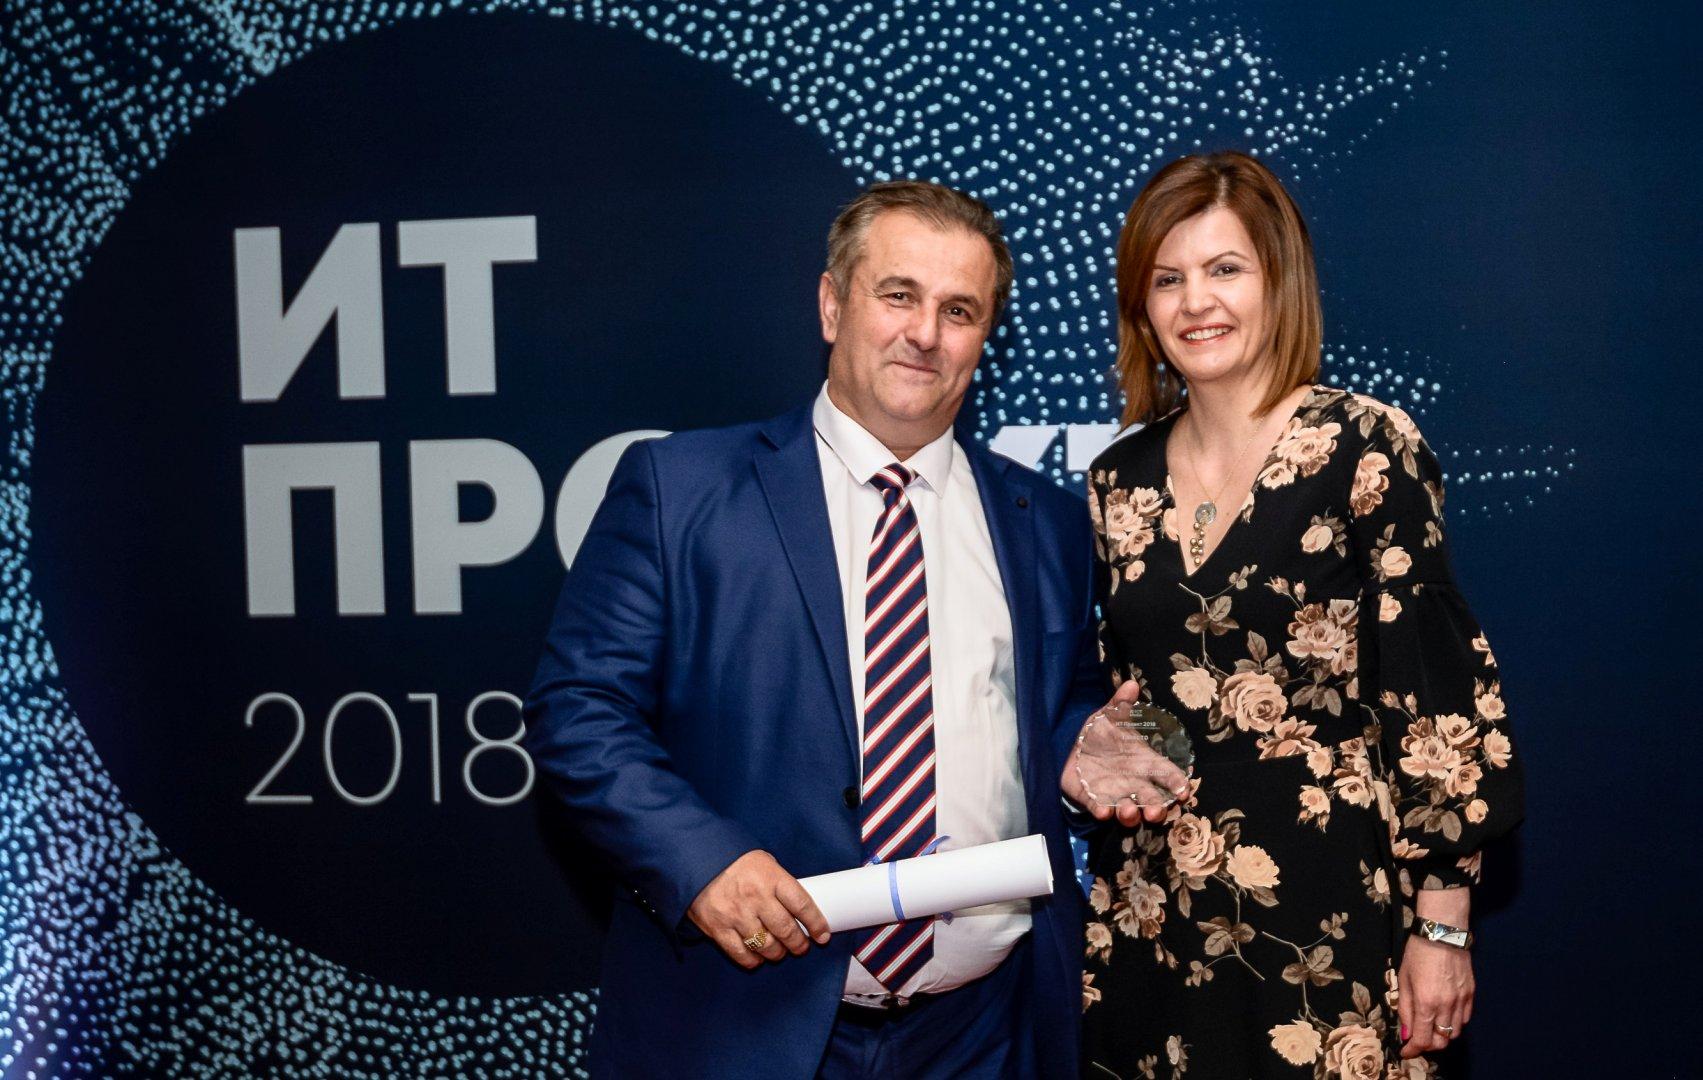 Кметът на Созопол Панайот Рейзи получи наградата. Снимка Община Созопол